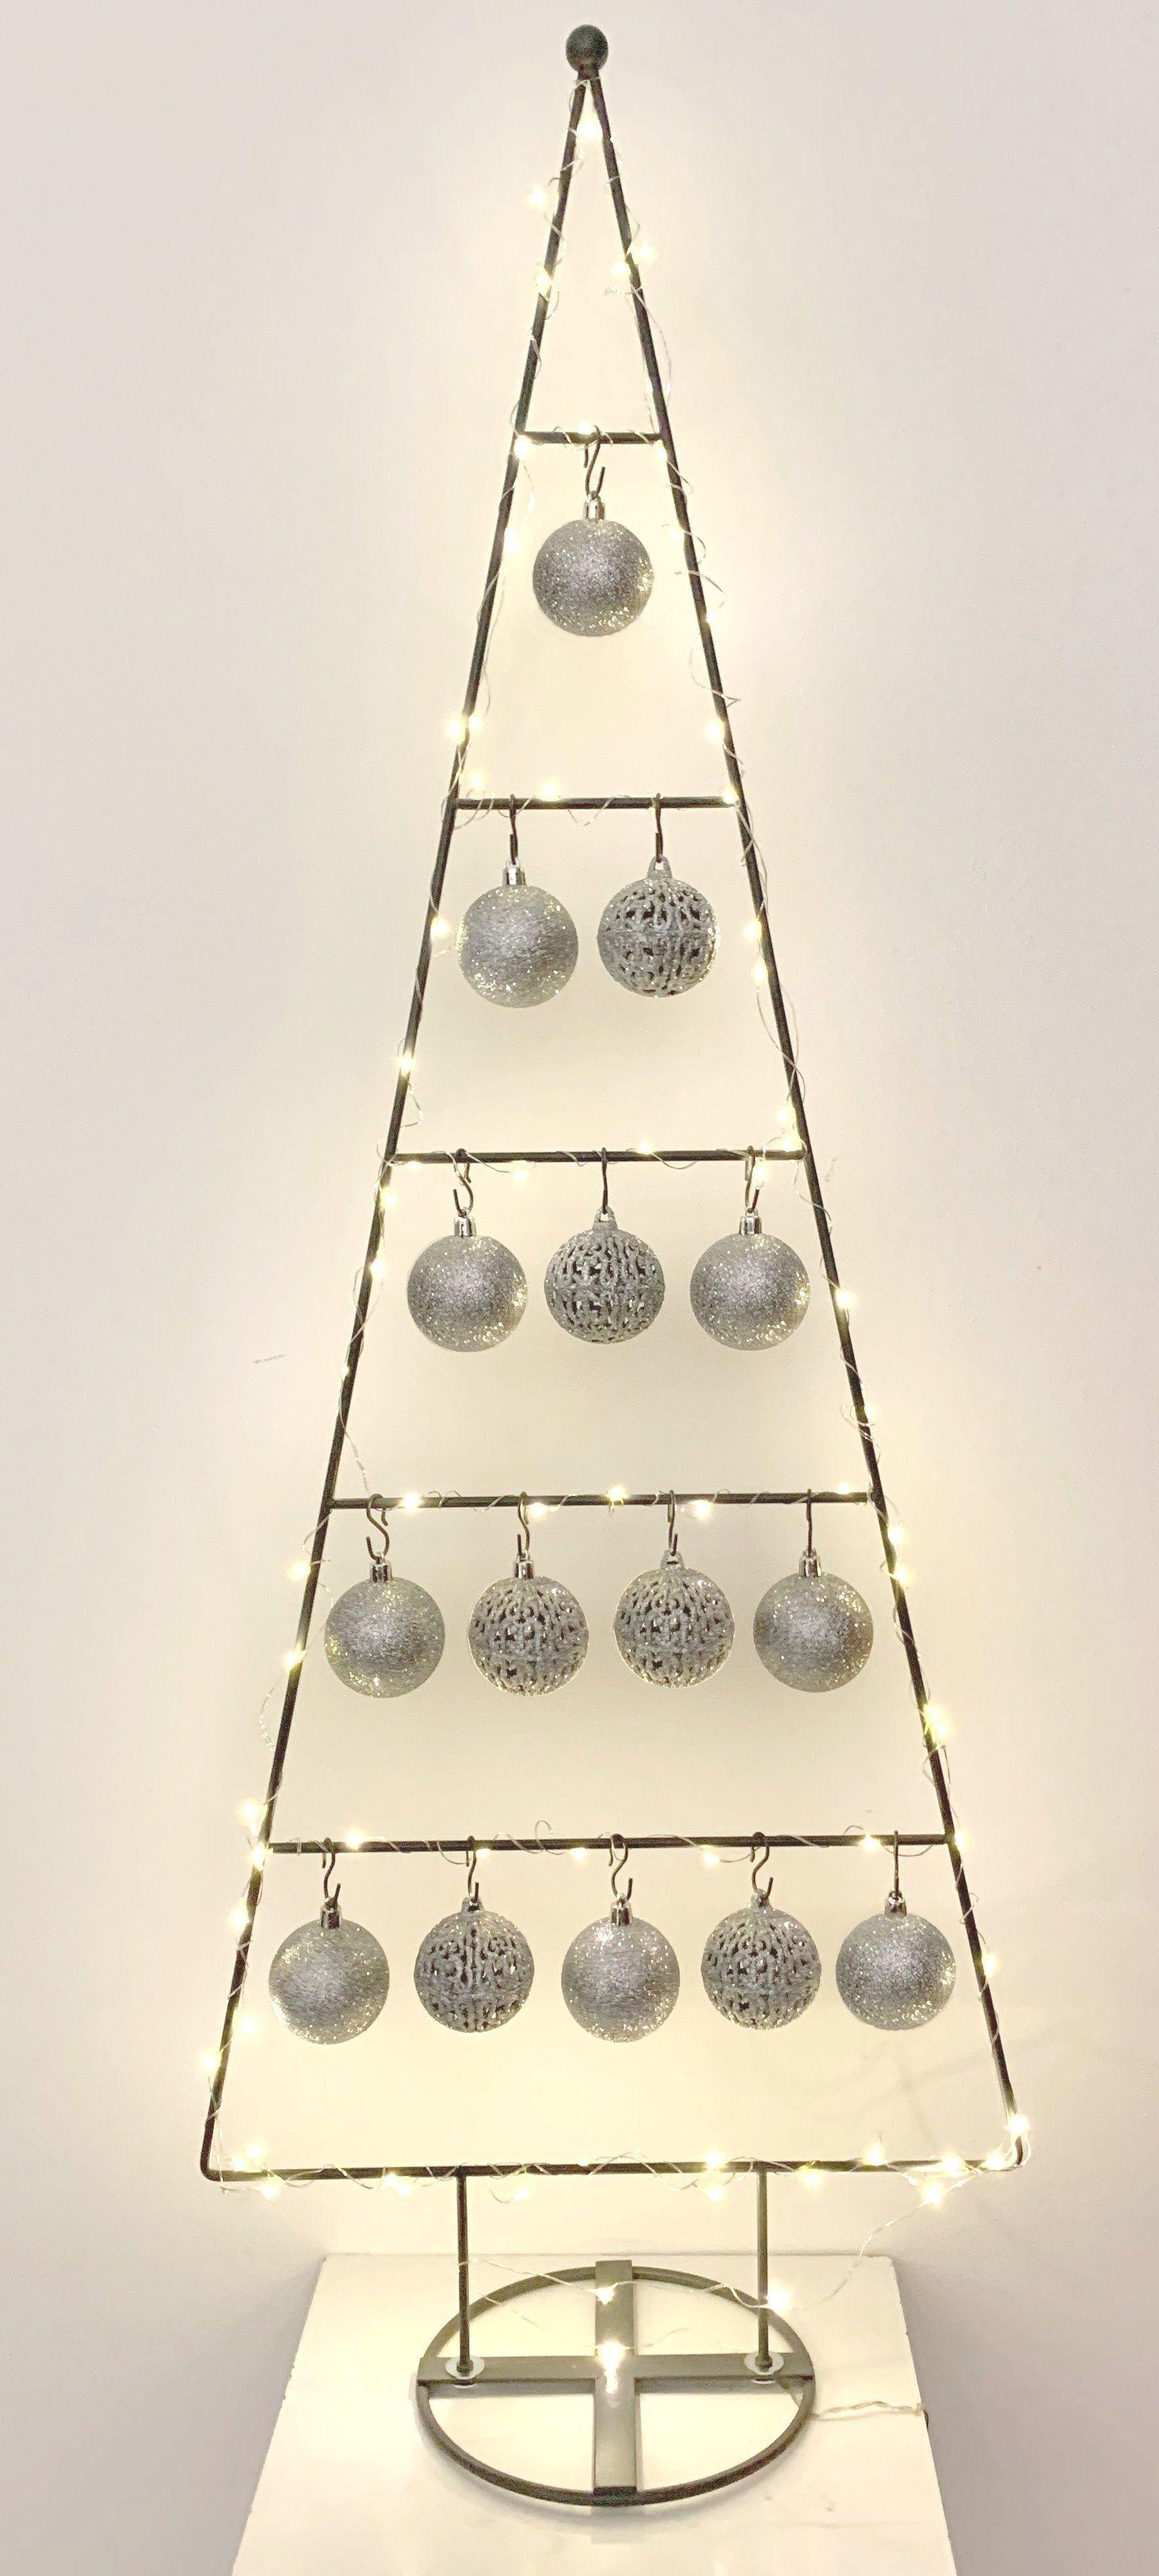 MARC® Weihnachtsbaum Christbaum Dekobaum TRIDENT, silber - 114cm